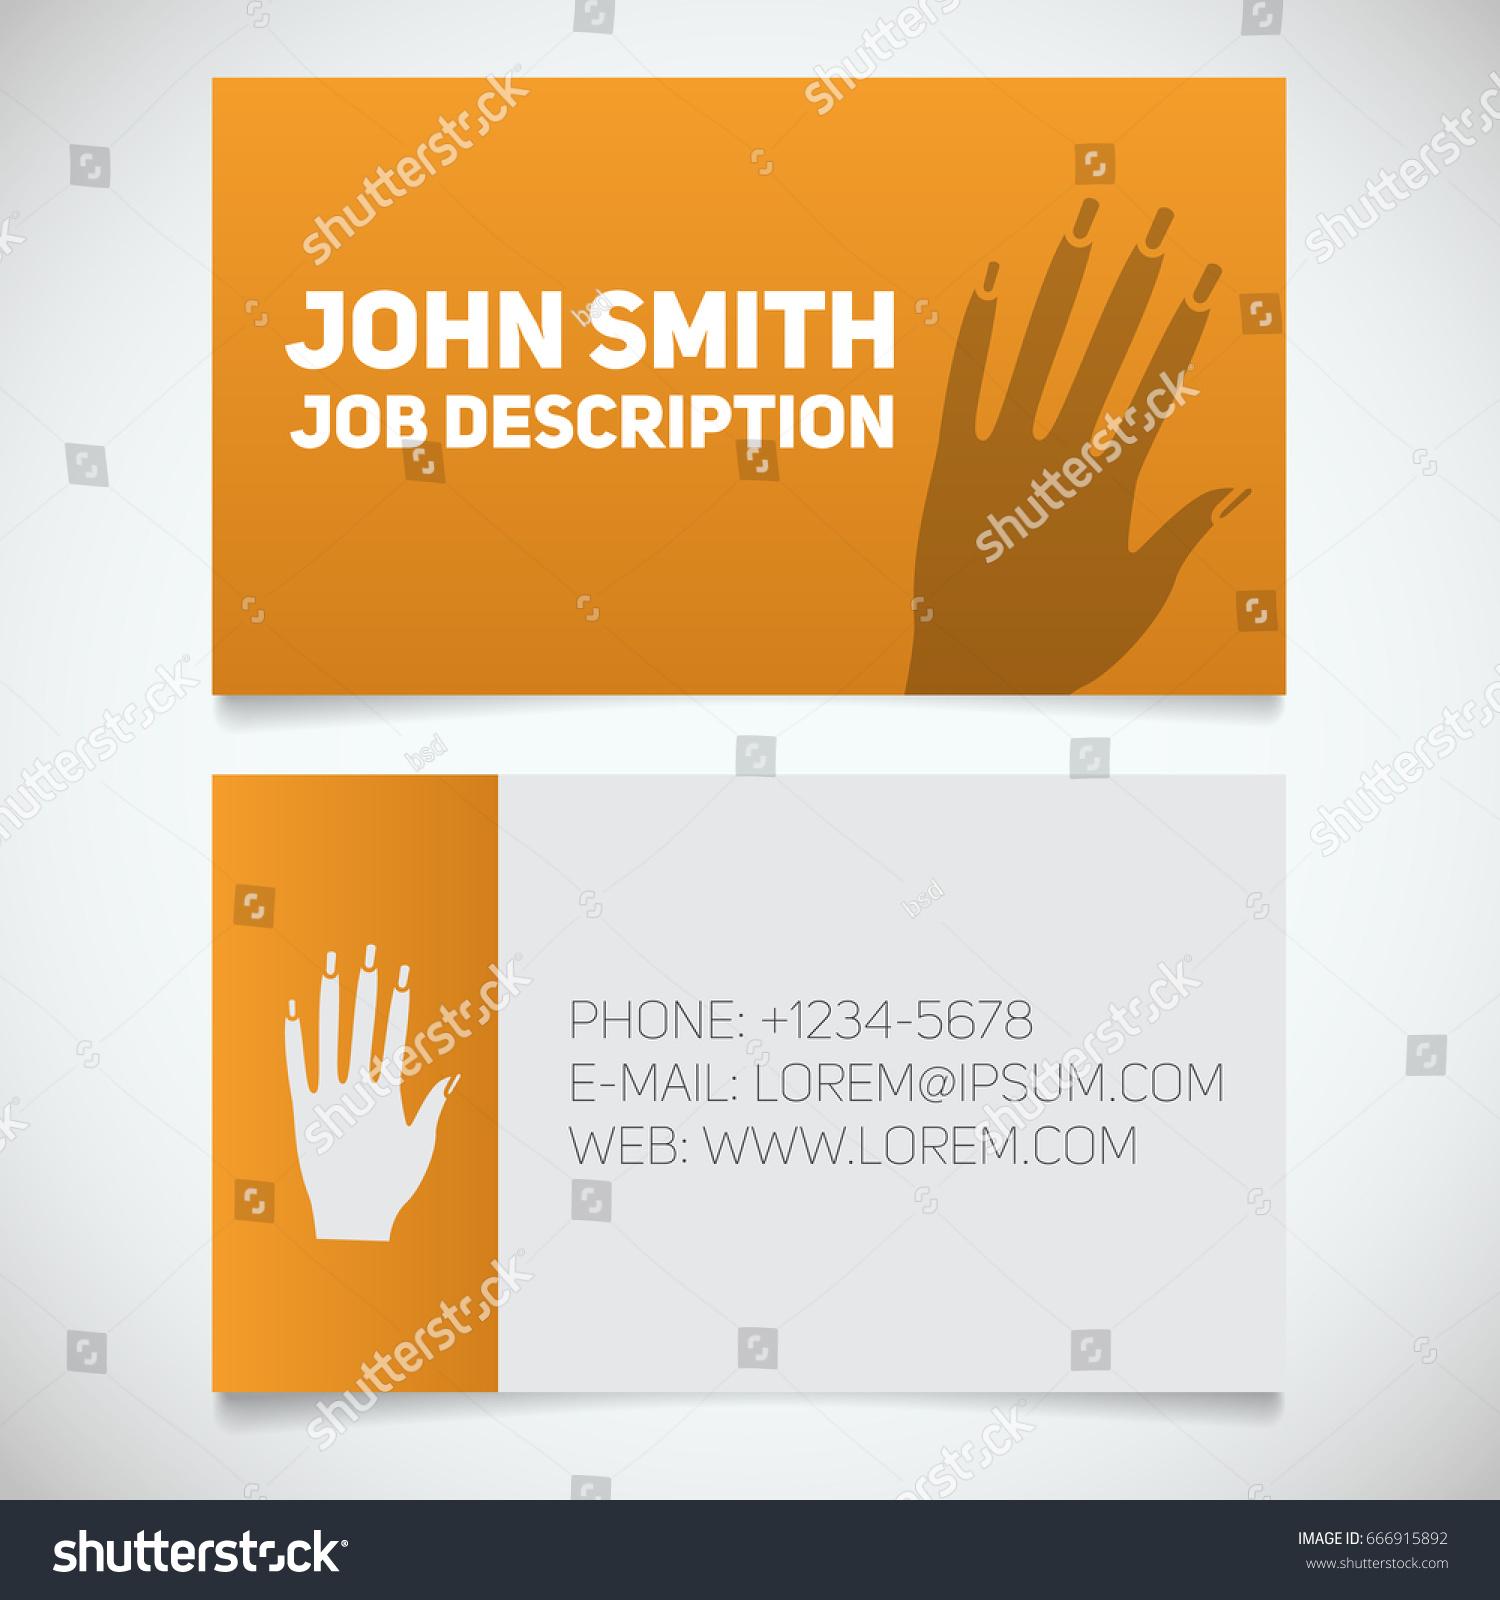 business card print template manicure logo stock vector 666915892 business card print template with manicure logo - Manicurist Job Description